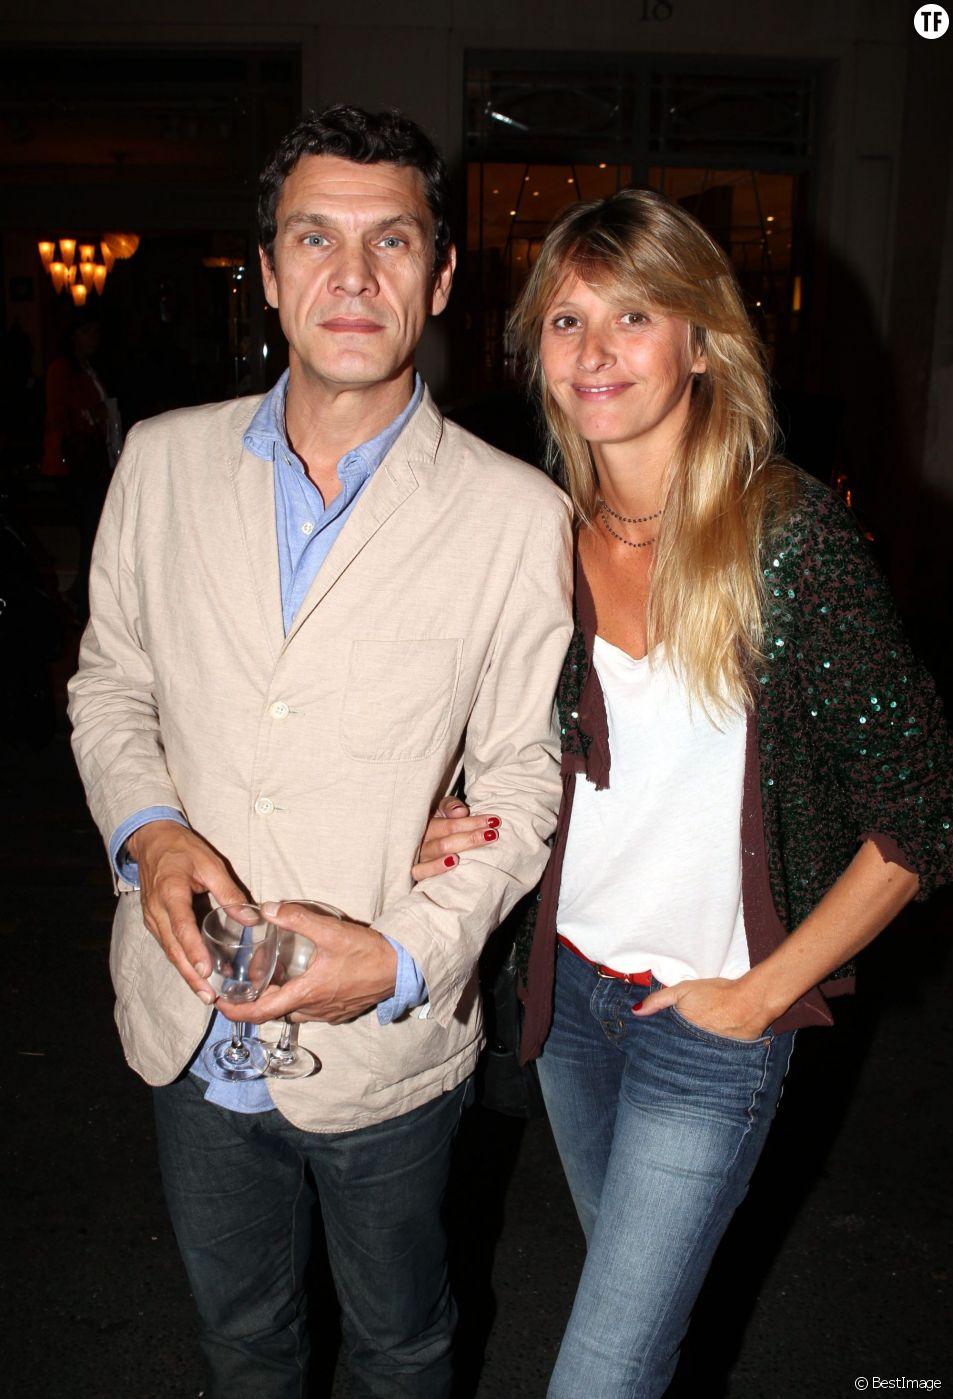 """PARIS 15 SEPTEMBRE 2011 EXCLUSIF VERNISSAGE DE L'EXPOSITION DE FRANCE LORY, """"DES ILS ET DES ELLES"""" DANS LA BOUTIQUE DE MICHEL KLEIN SITUEE RUE JACOB A PARIS. MARC ET SARAH LAVOINE"""